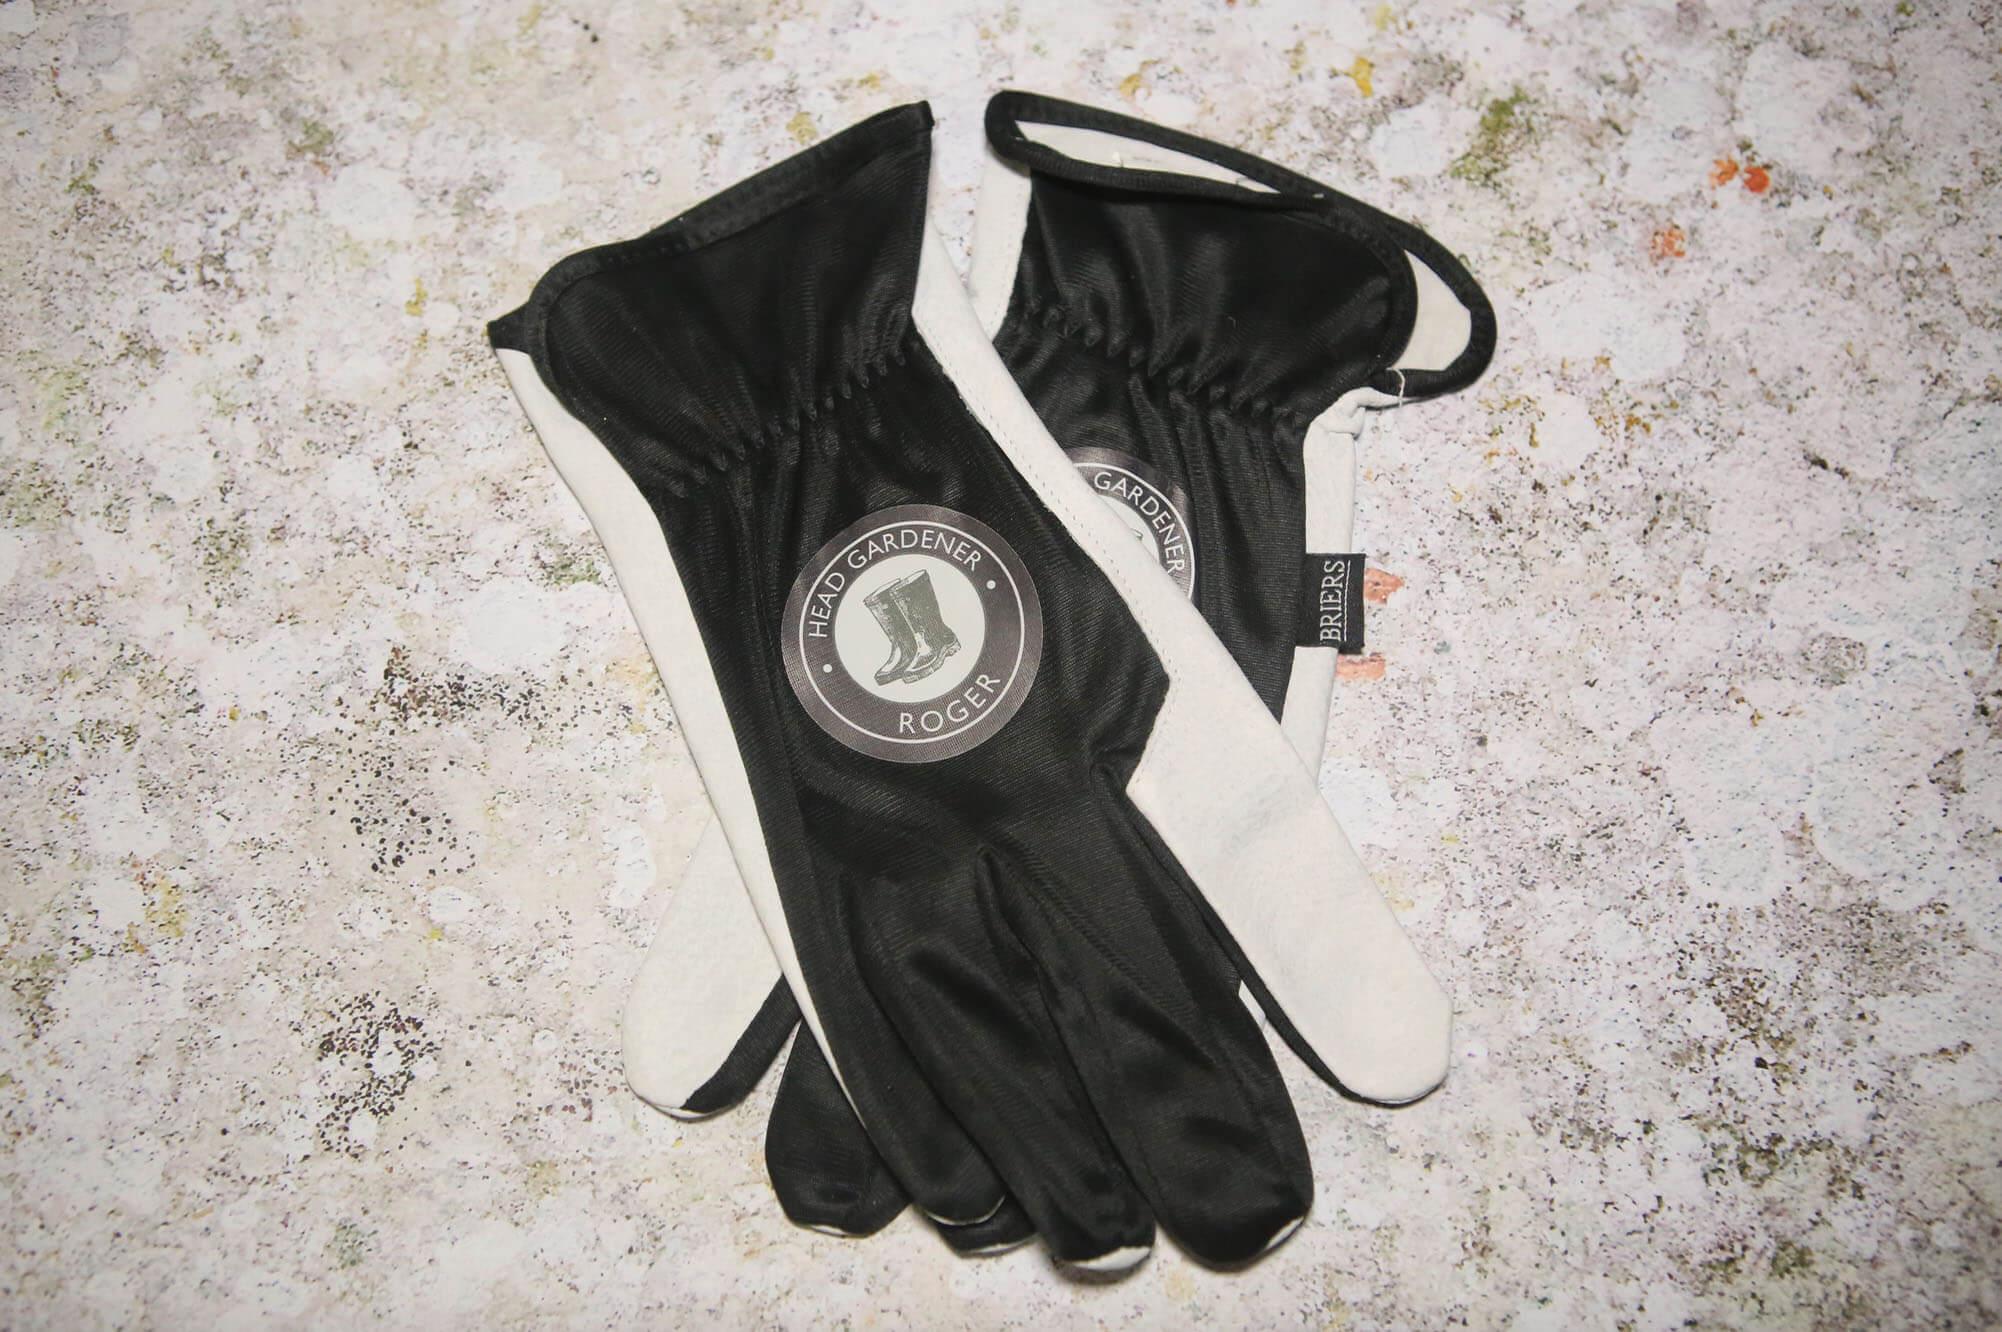 Xmas Gardening Gloves